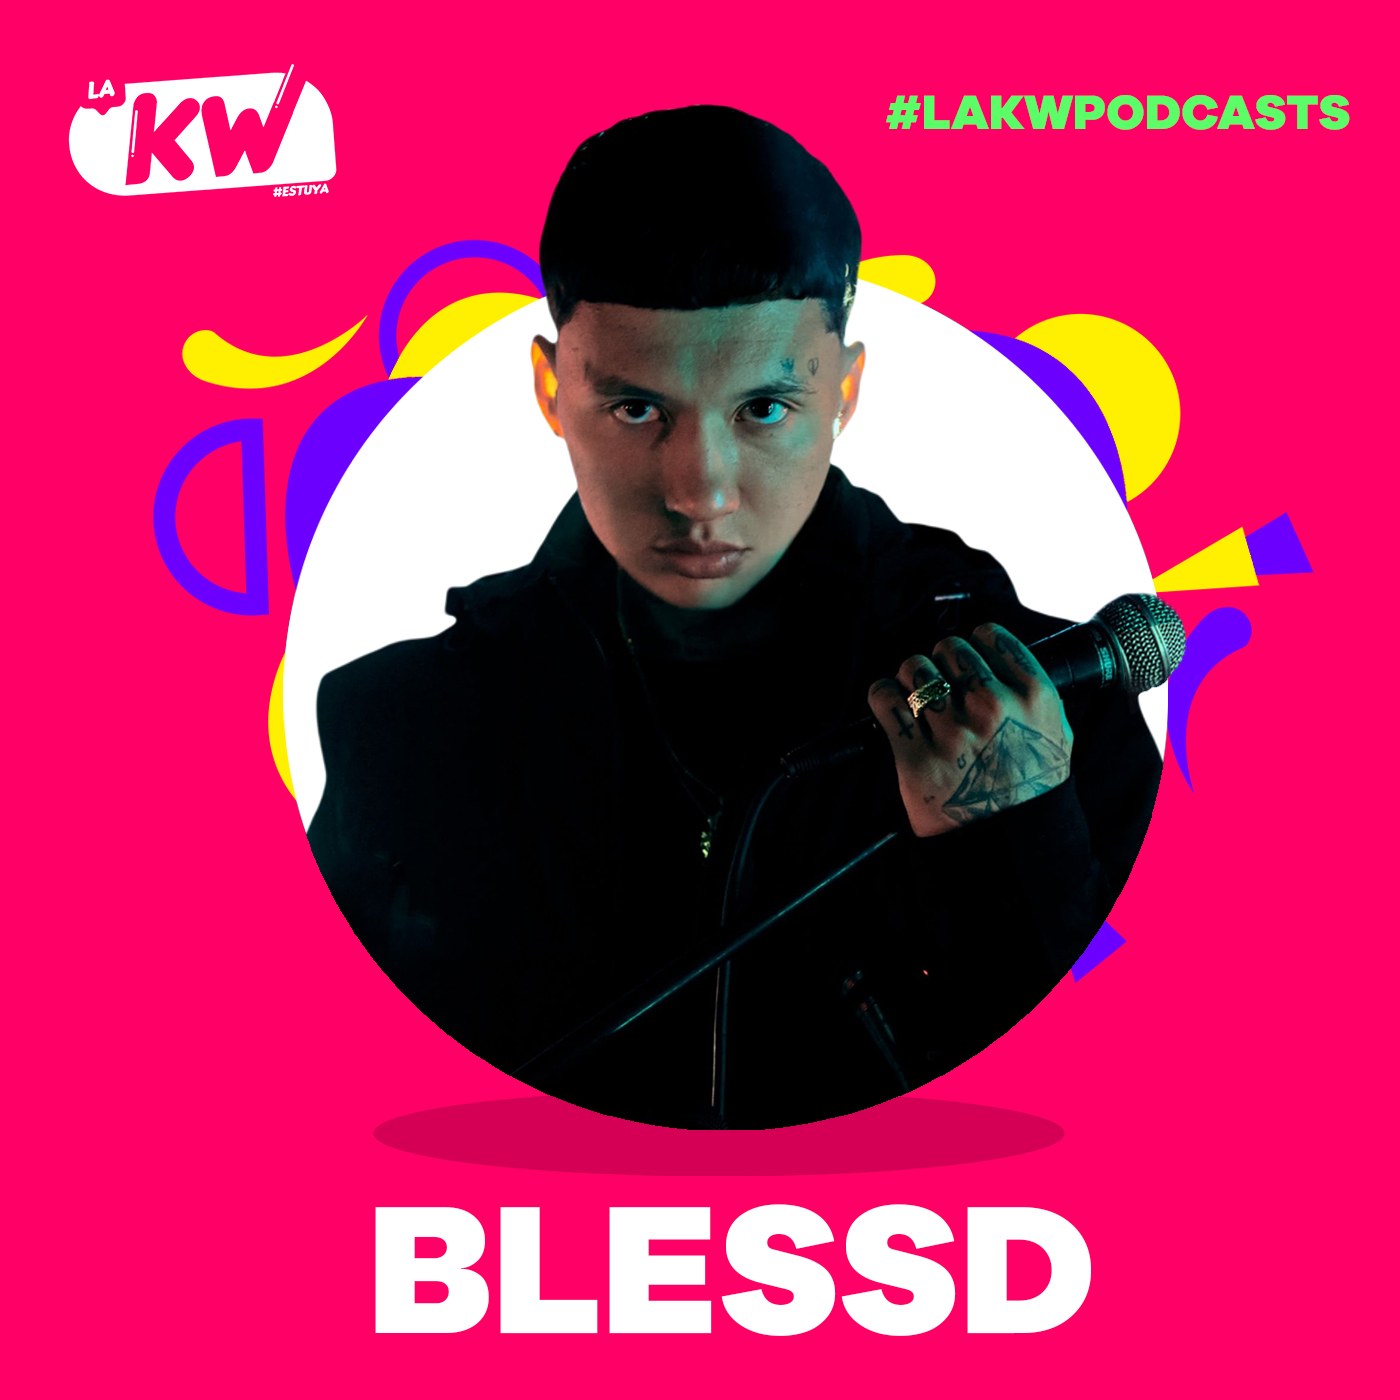 Blessd en La KW